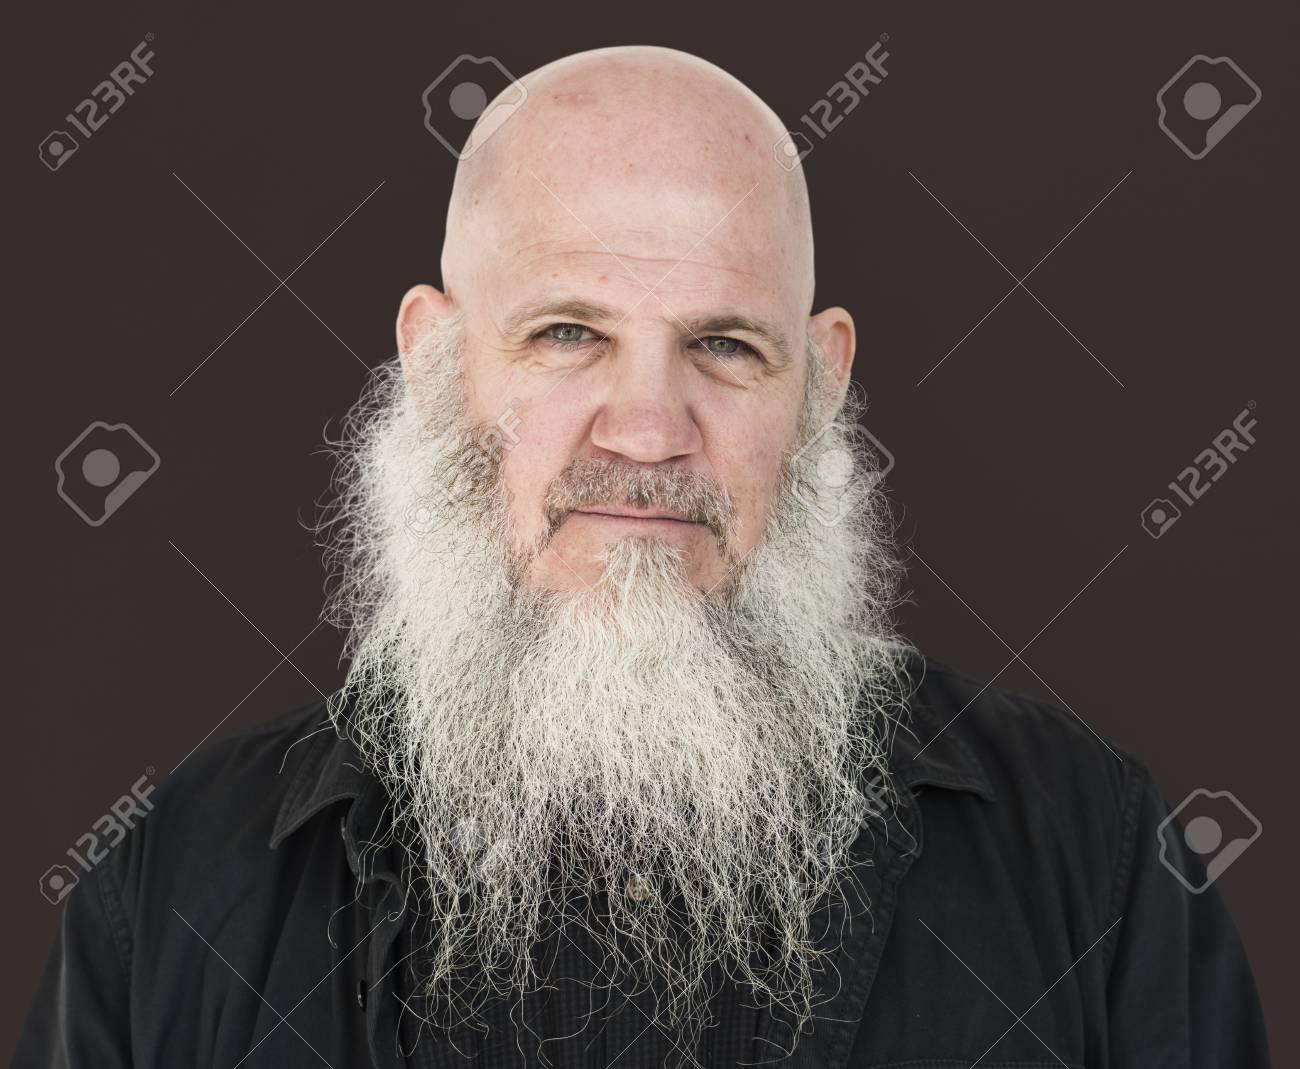 Männer Erwachsener Langer Bart Bald Head Nachdenklich Lizenzfreie